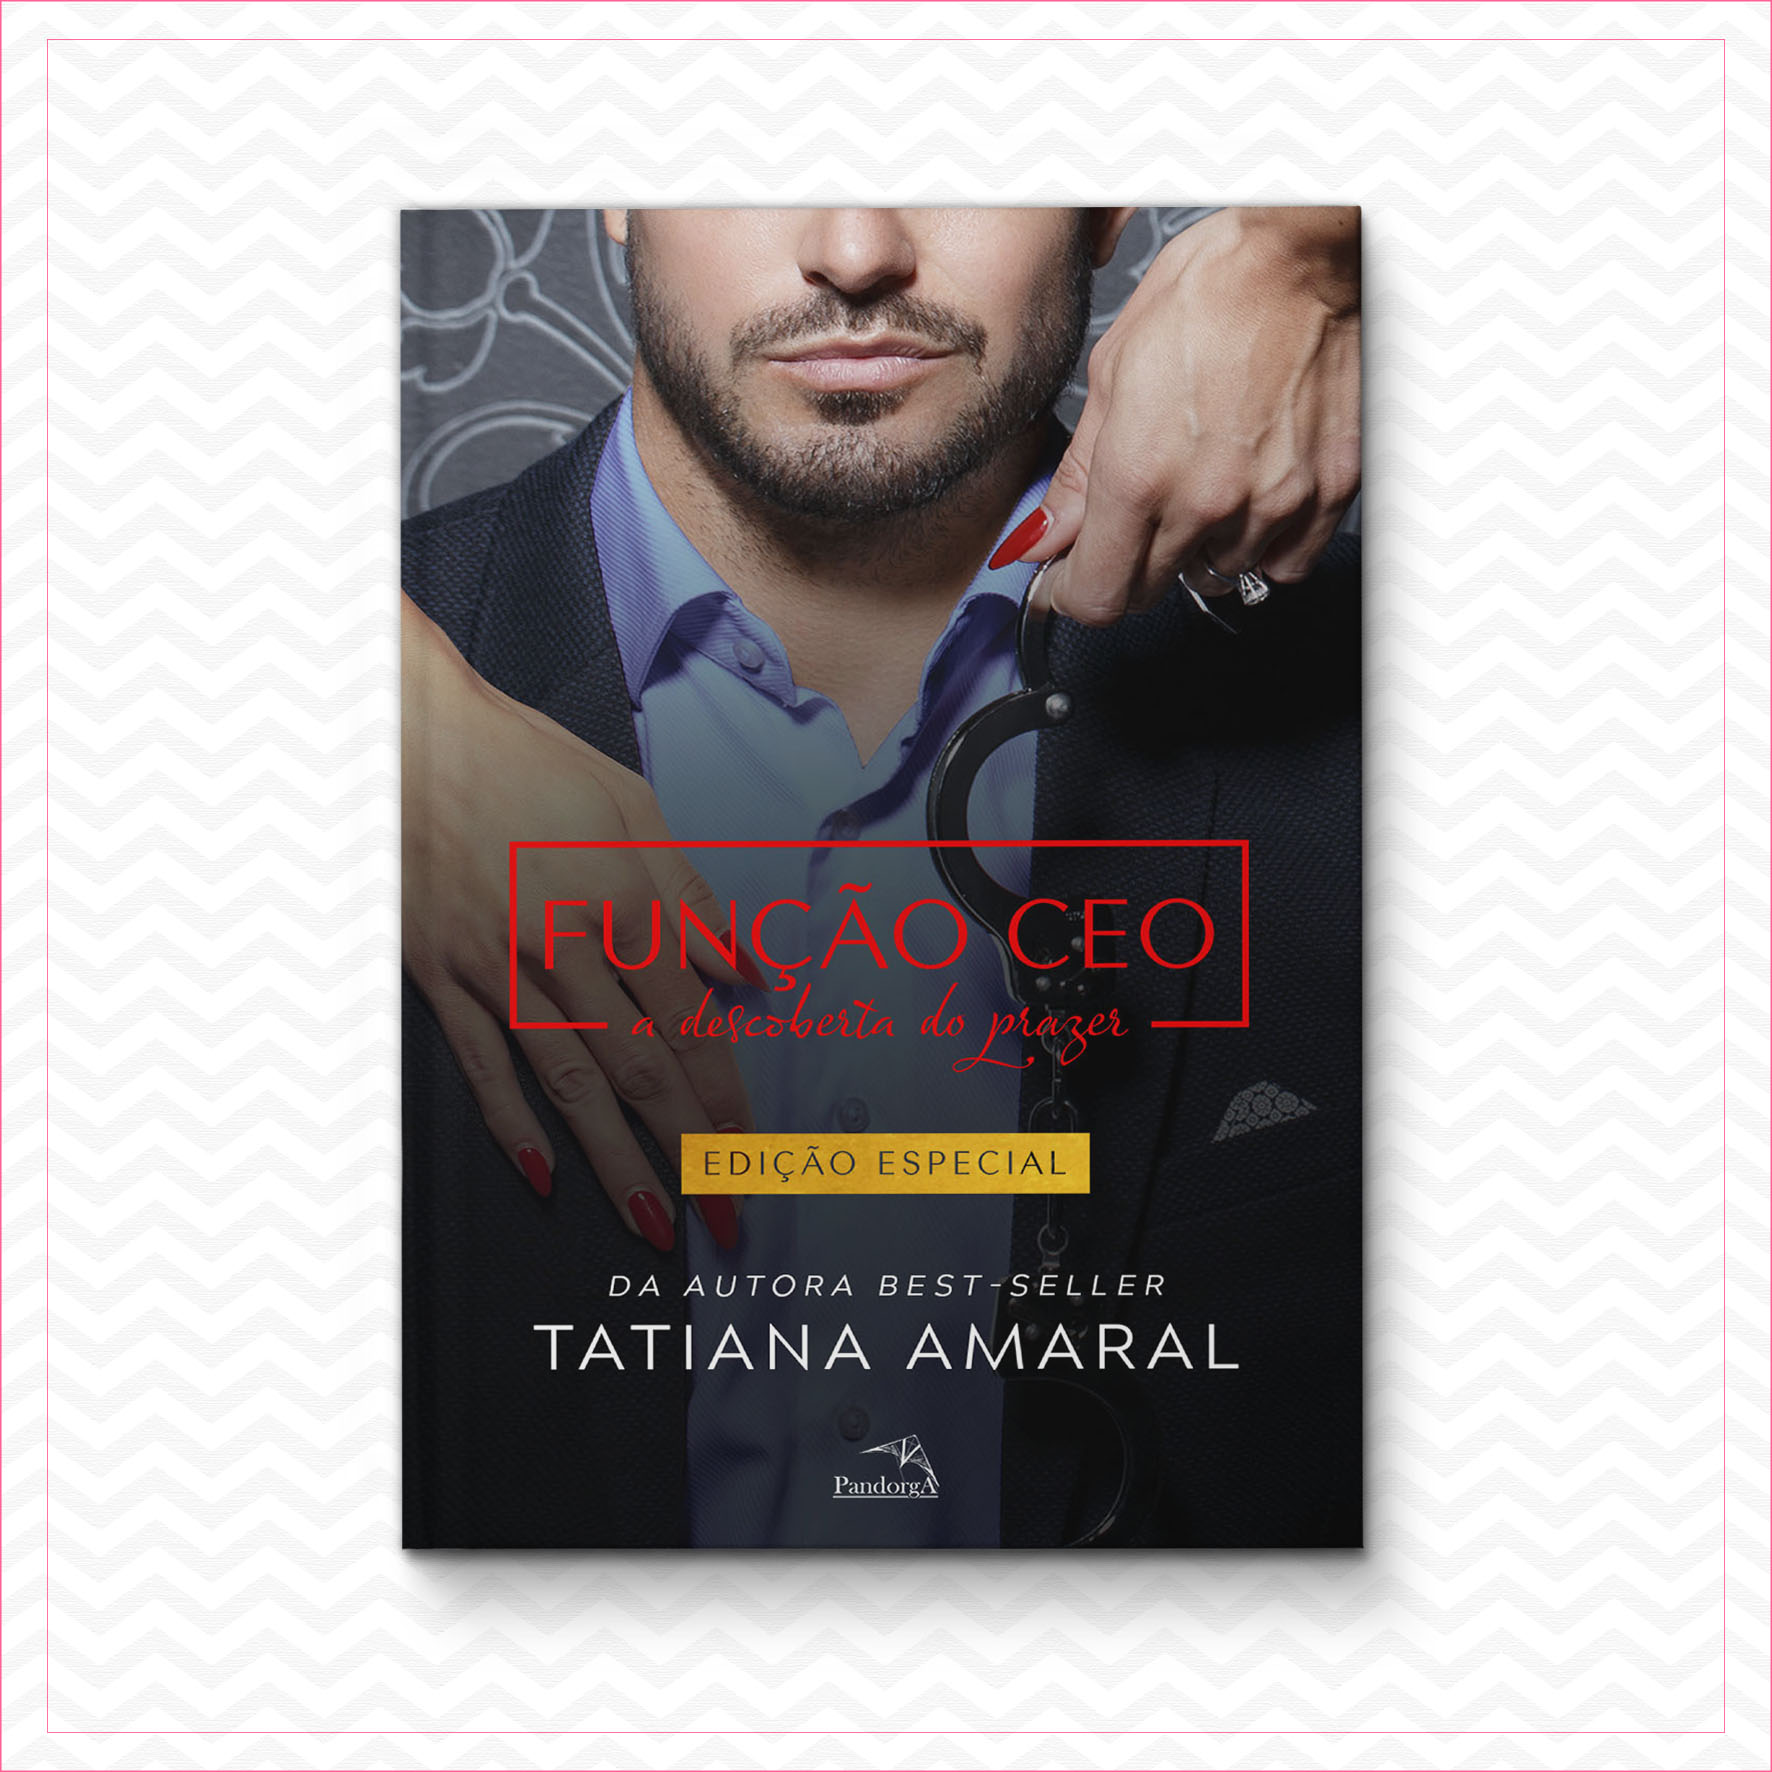 Função CEO 1 – Tatiana Amaral